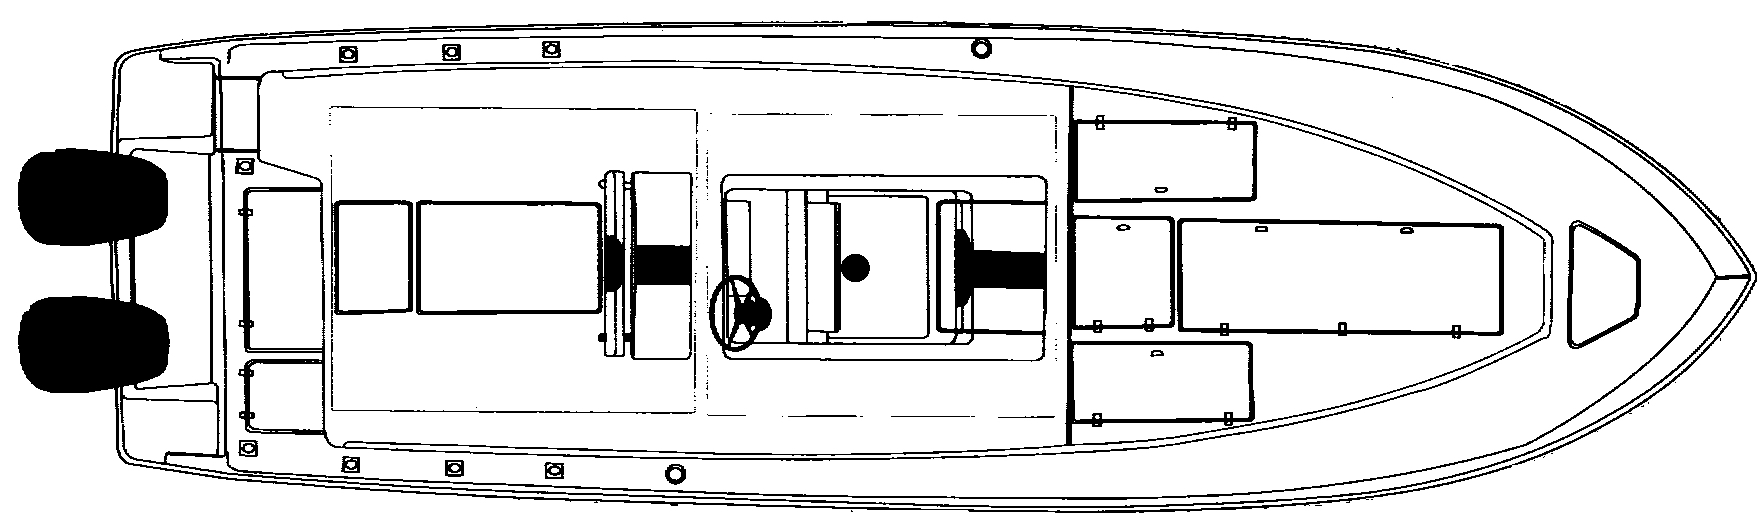 340 Open Floor Plan 1